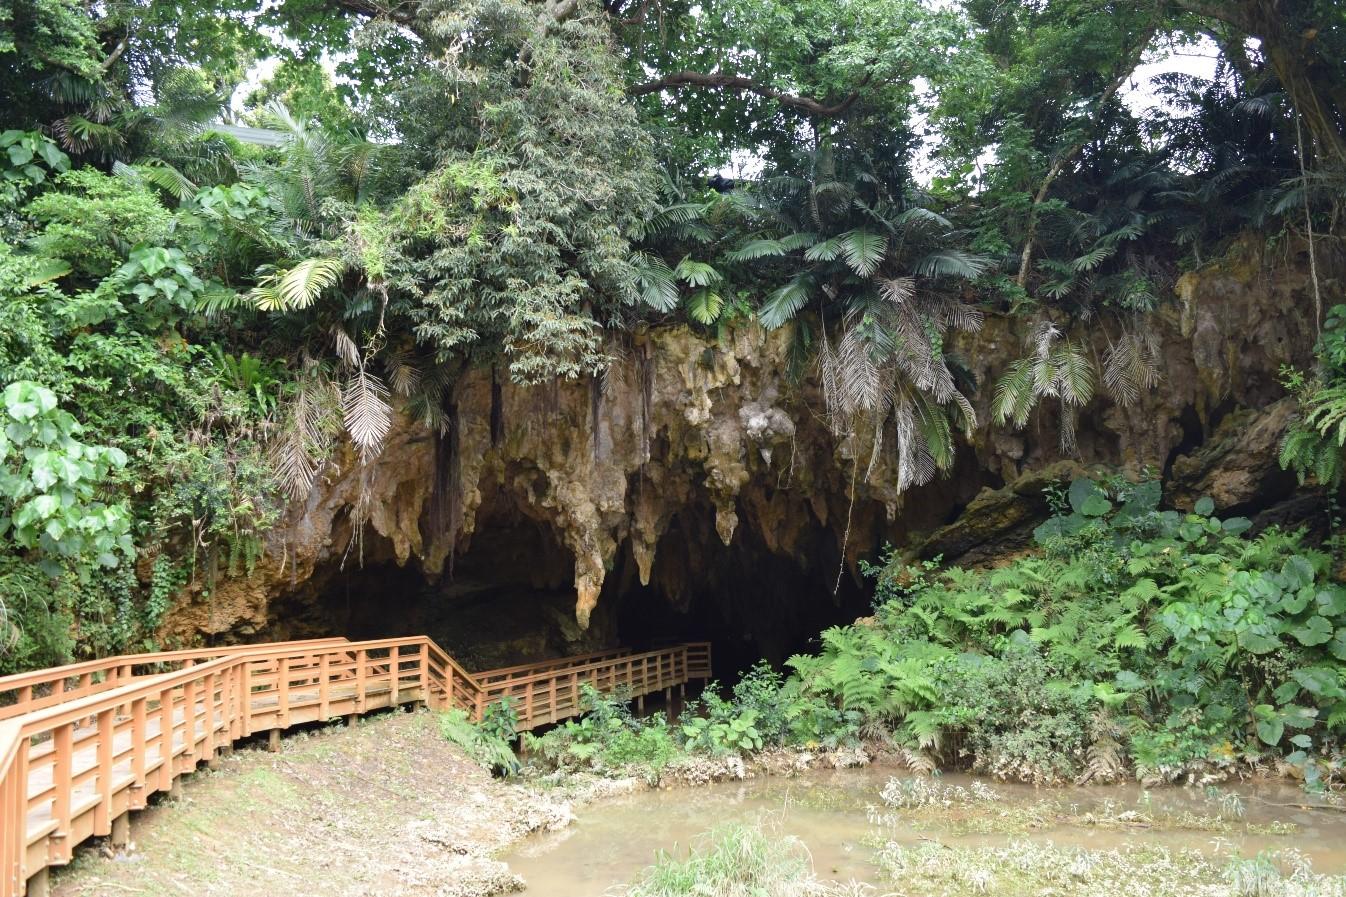 松田鍾乳洞メーガー洞と周辺史跡めぐり